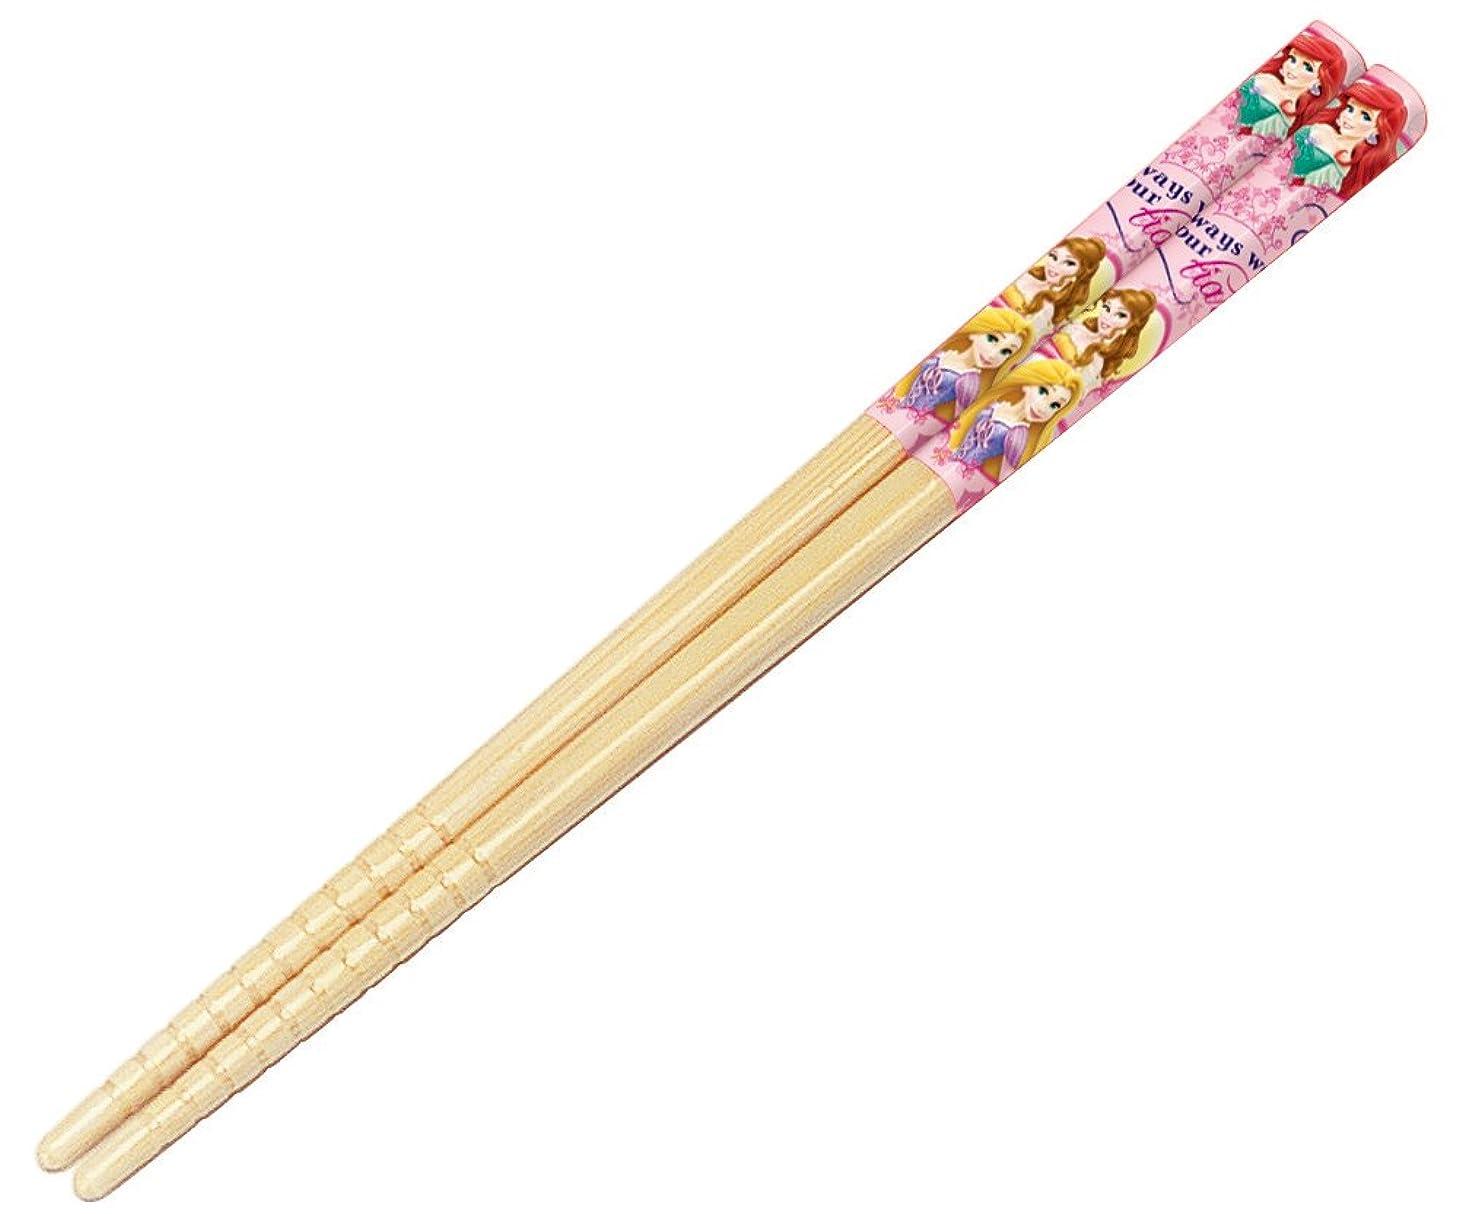 詳細な増幅慢なスケーター 竹箸 16.5cm プリンセス 箸 日本製